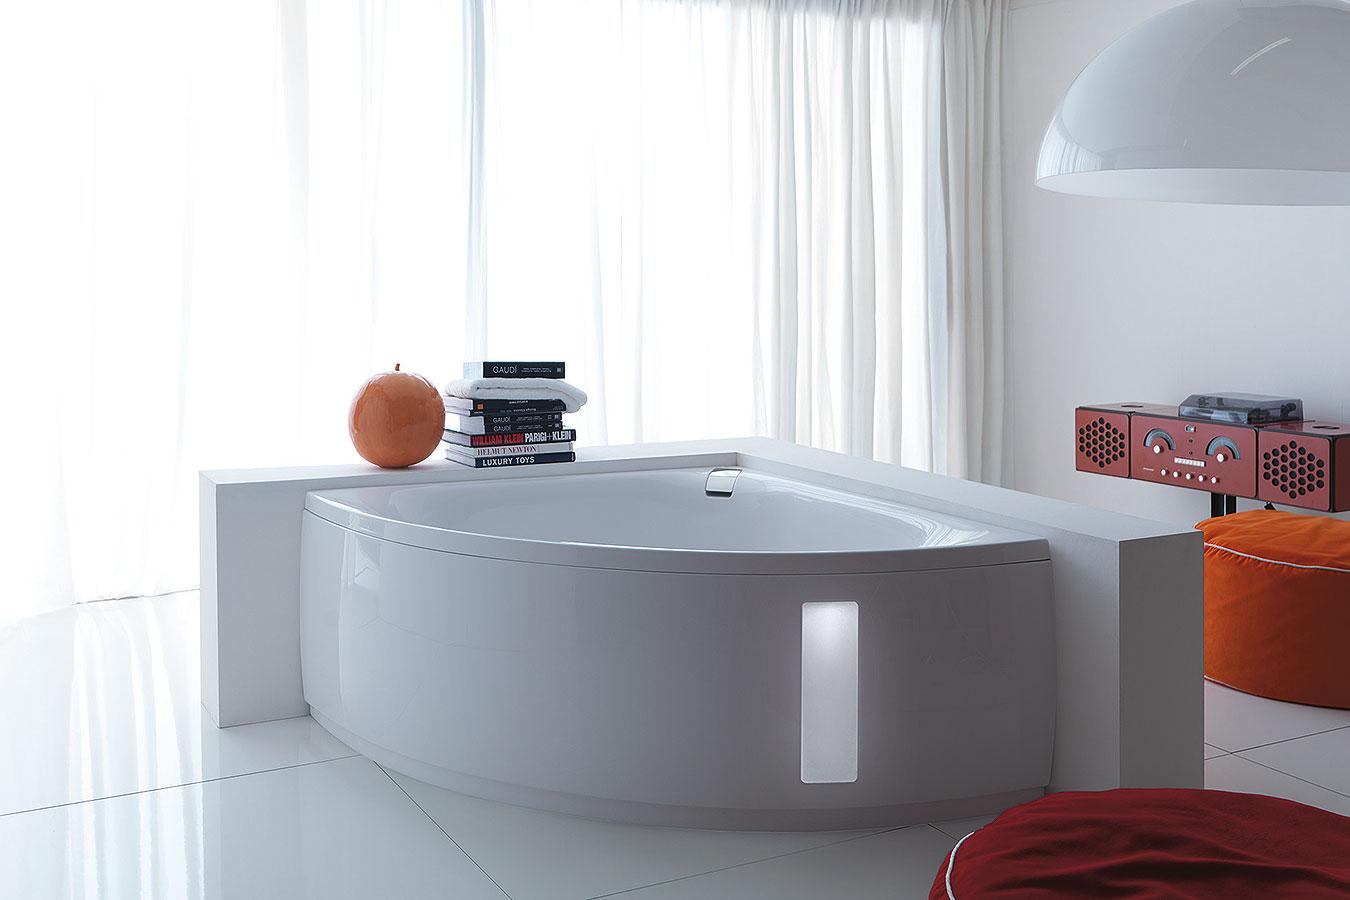 Vasca Da Bagno Filo Piano : Spazi piccoli come inserisco una vasca? ci pensiamo noi! garden house